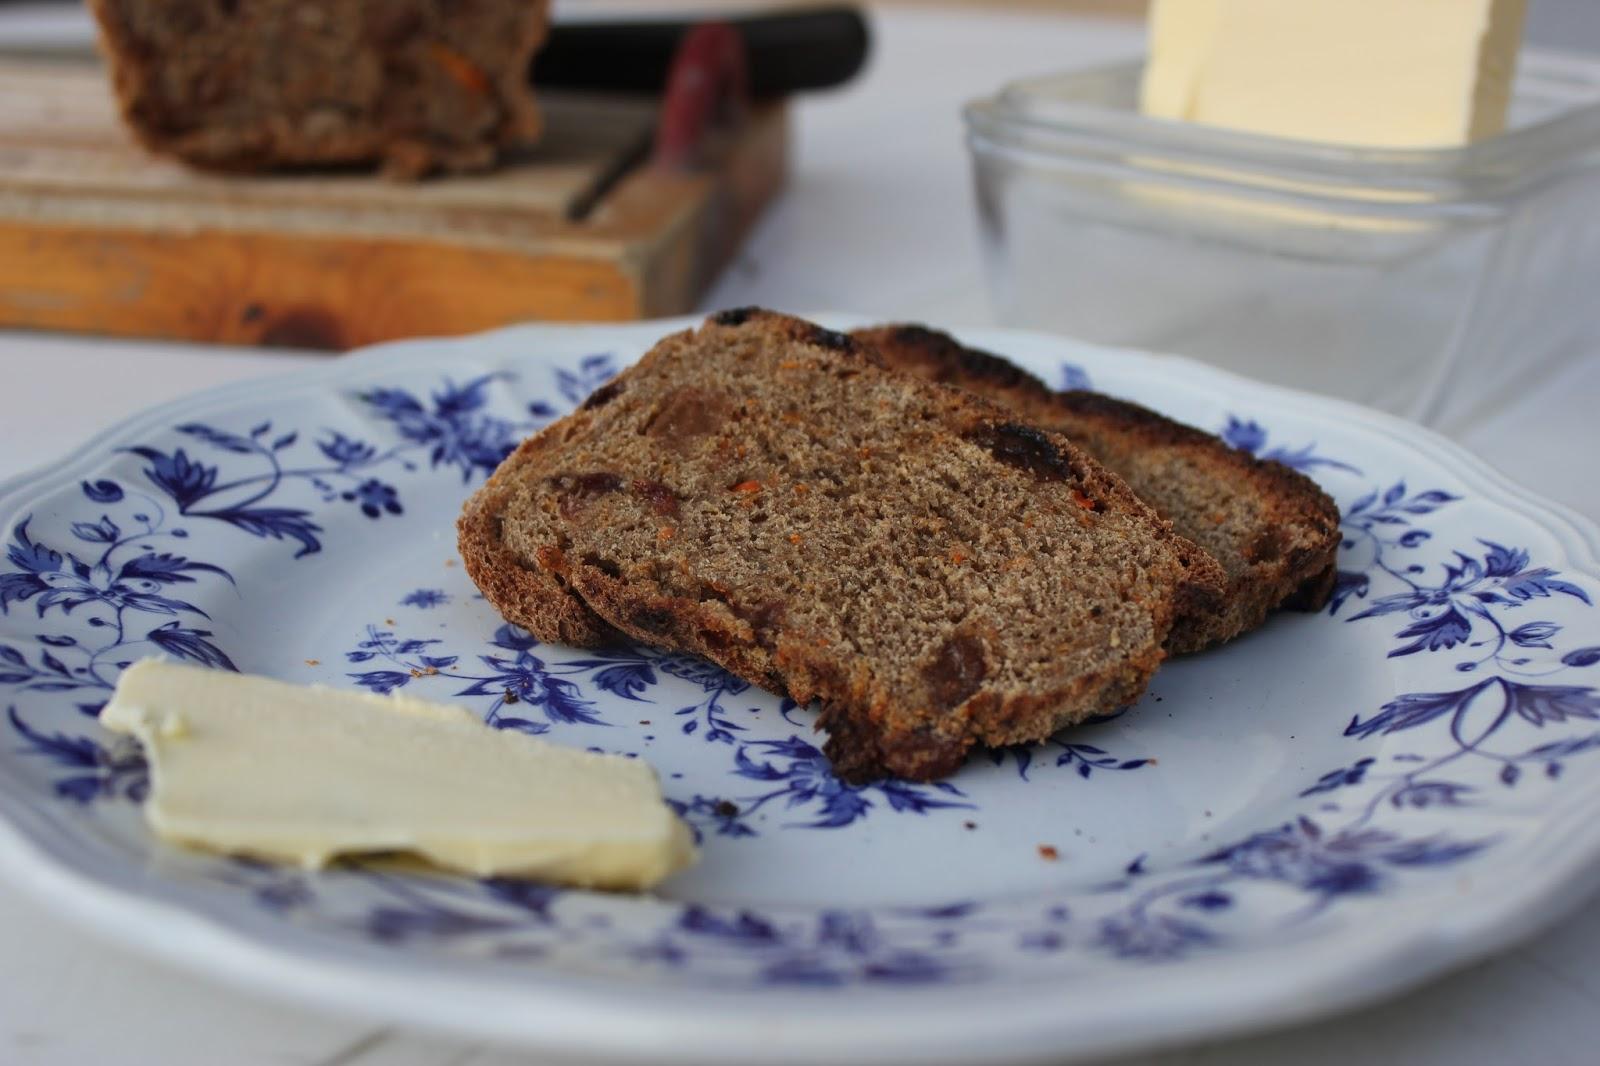 https://cuillereetsaladier.blogspot.com/2013/09/pain-aux-raisins-secs-et-la-carotte.html